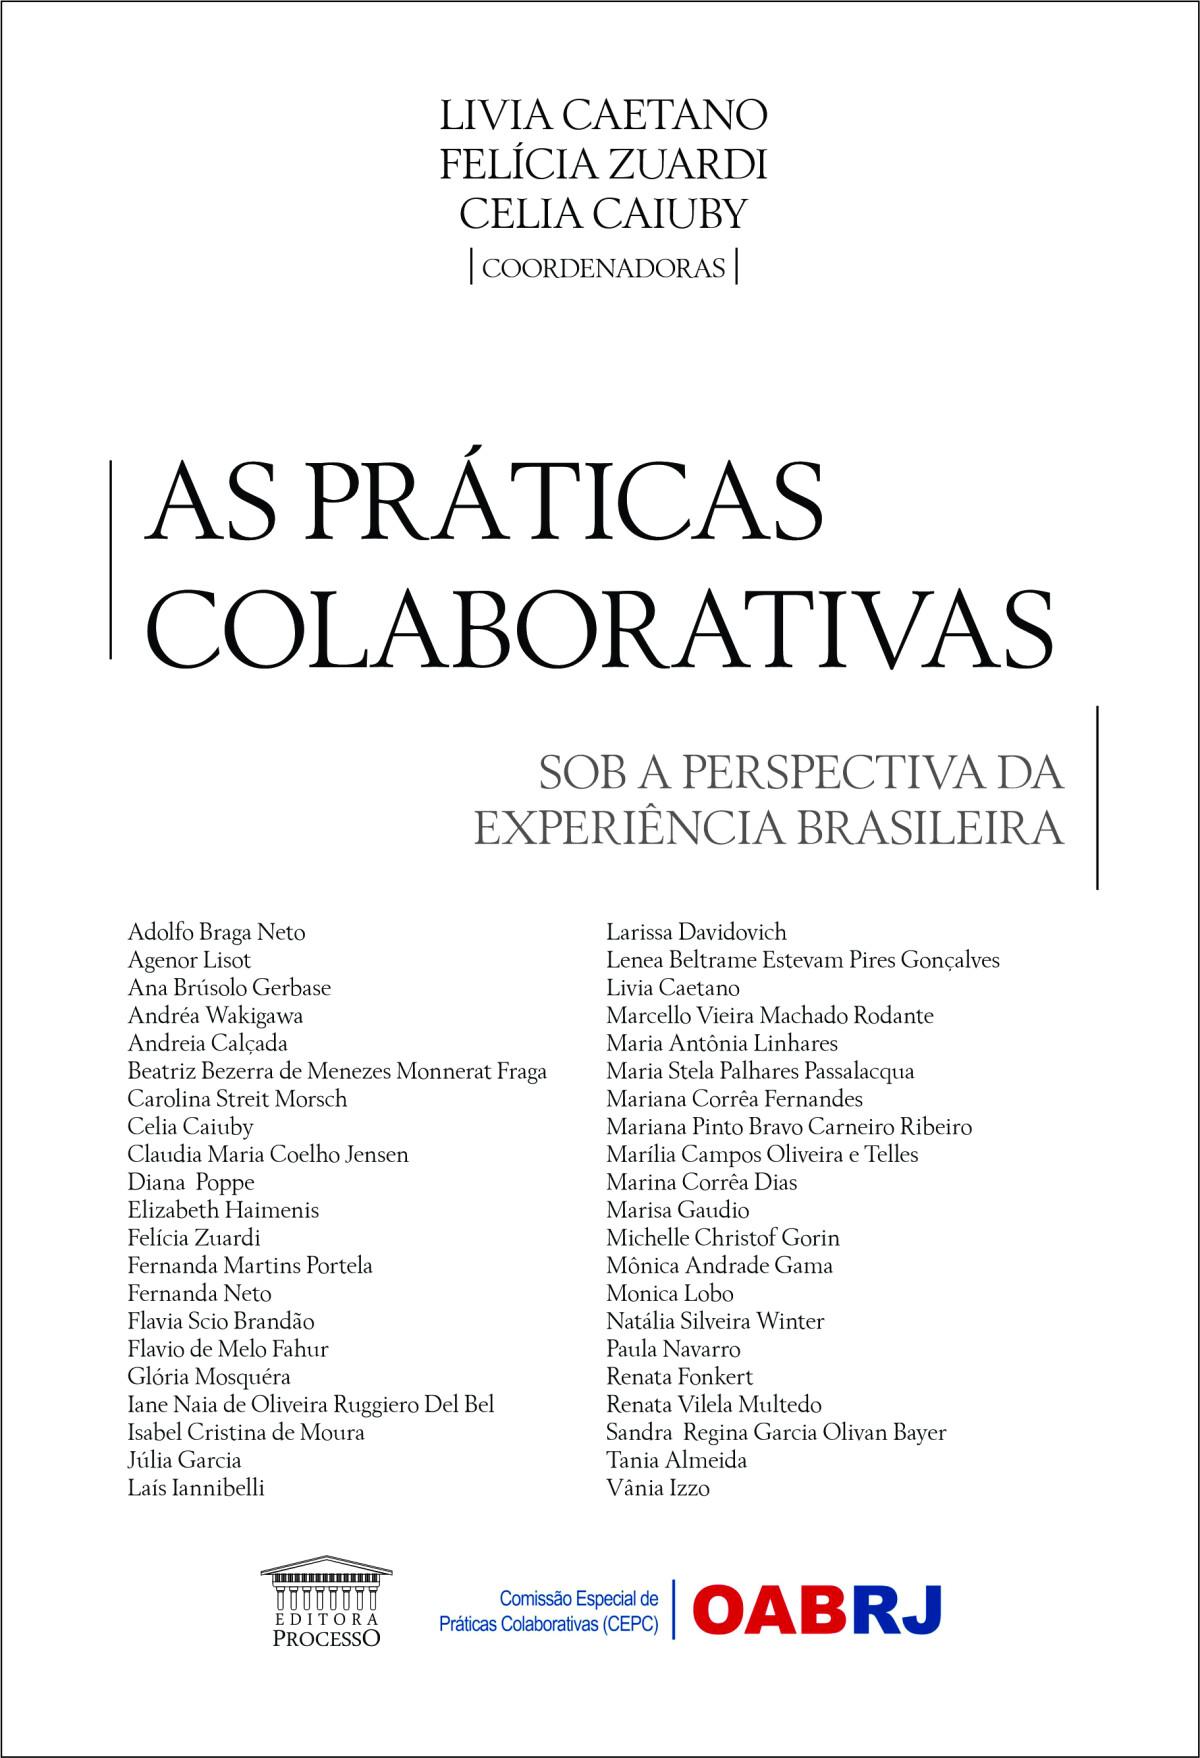 Foto 1 - As Práticas Colaborativas Sob a Perspectiva da Experiência Brasileira